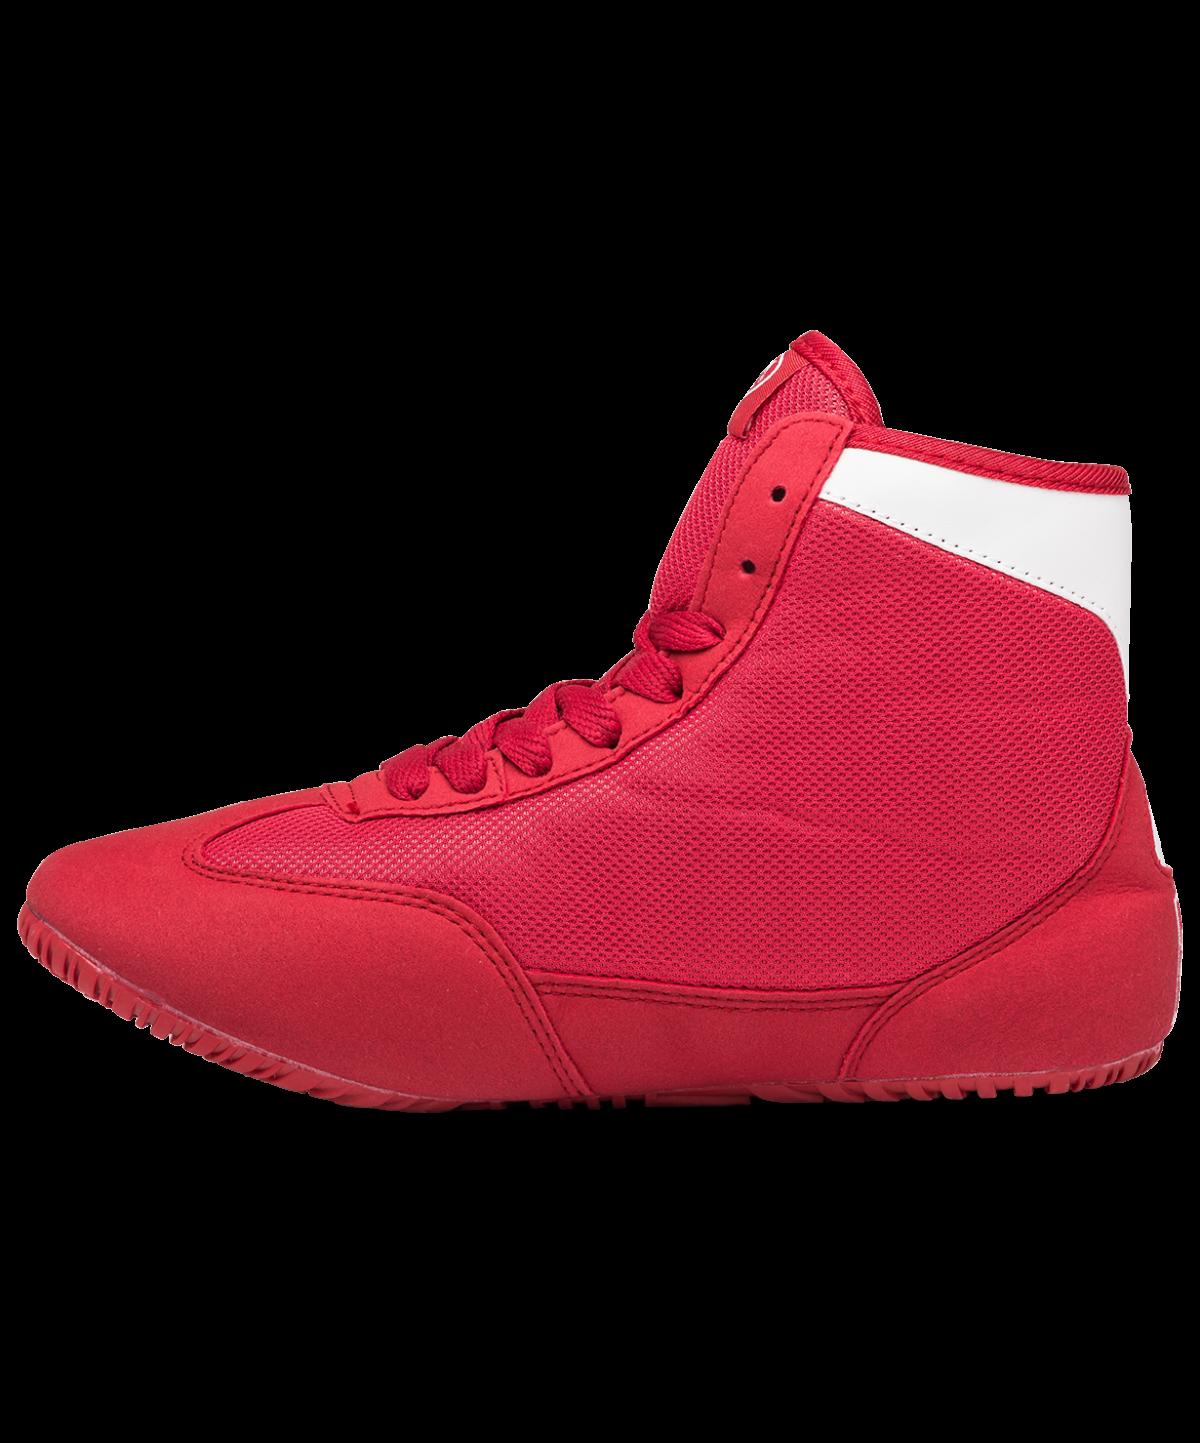 GREEN HILL Обувь для борьбы  GWB-3052/GWB-3055: красный/белый - 2